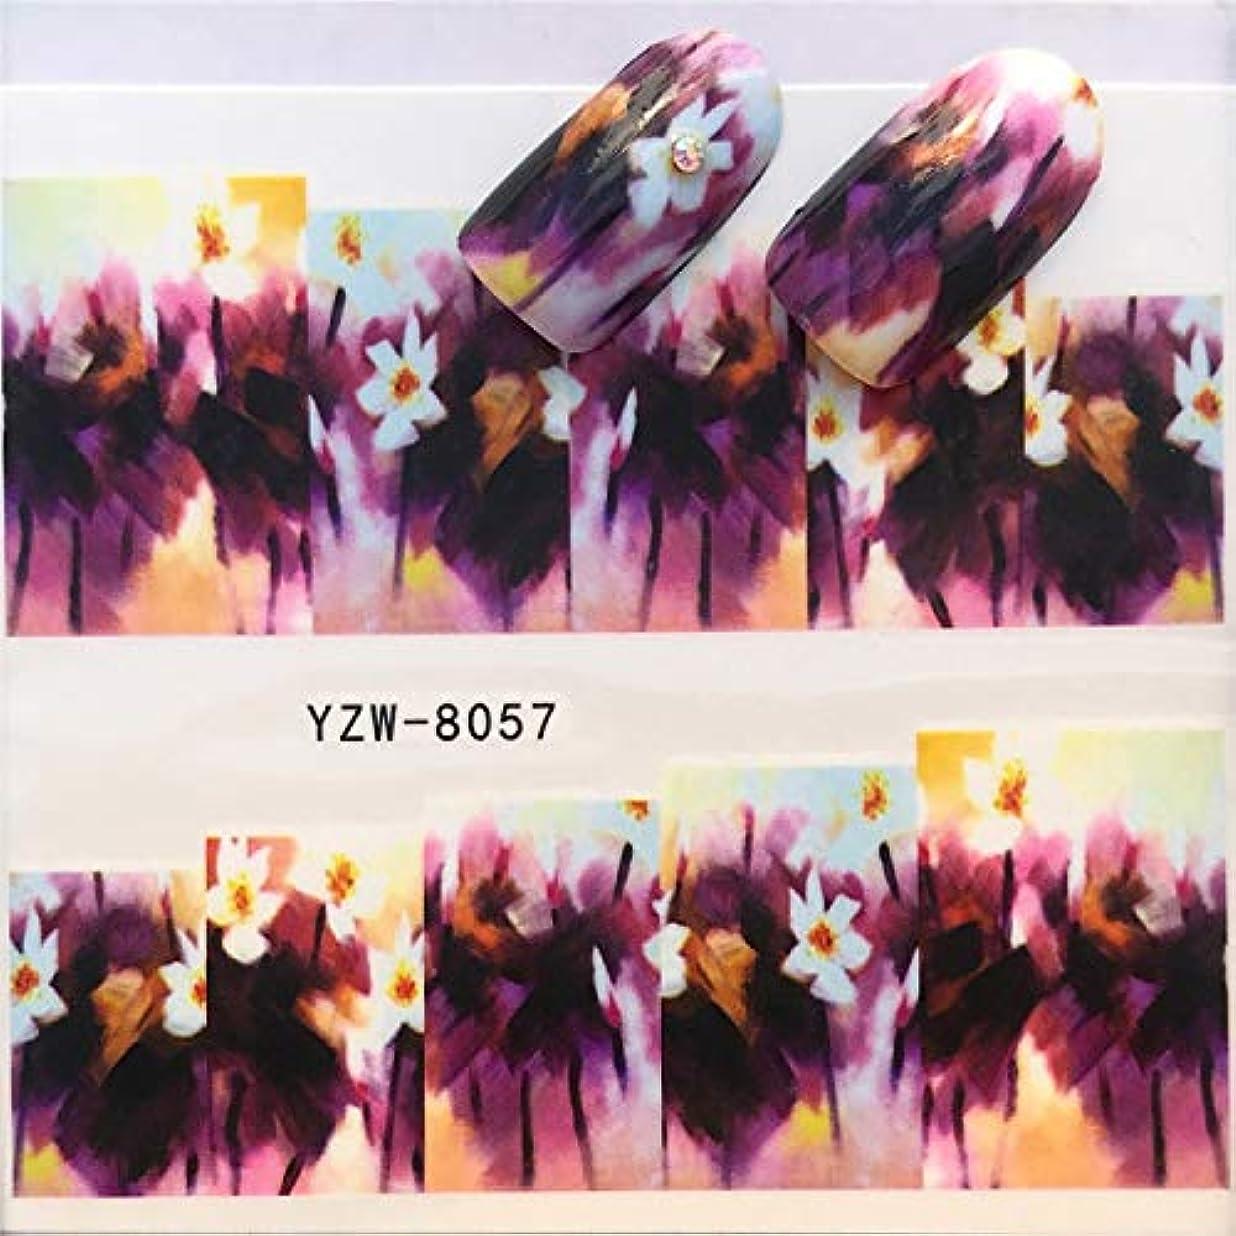 比較的動員する感謝祭MEI1JIA CELINEZL 3ピースネイルステッカーセットデカールウォータースライダースライダーネイルアートデコレーション、色:YZW8057